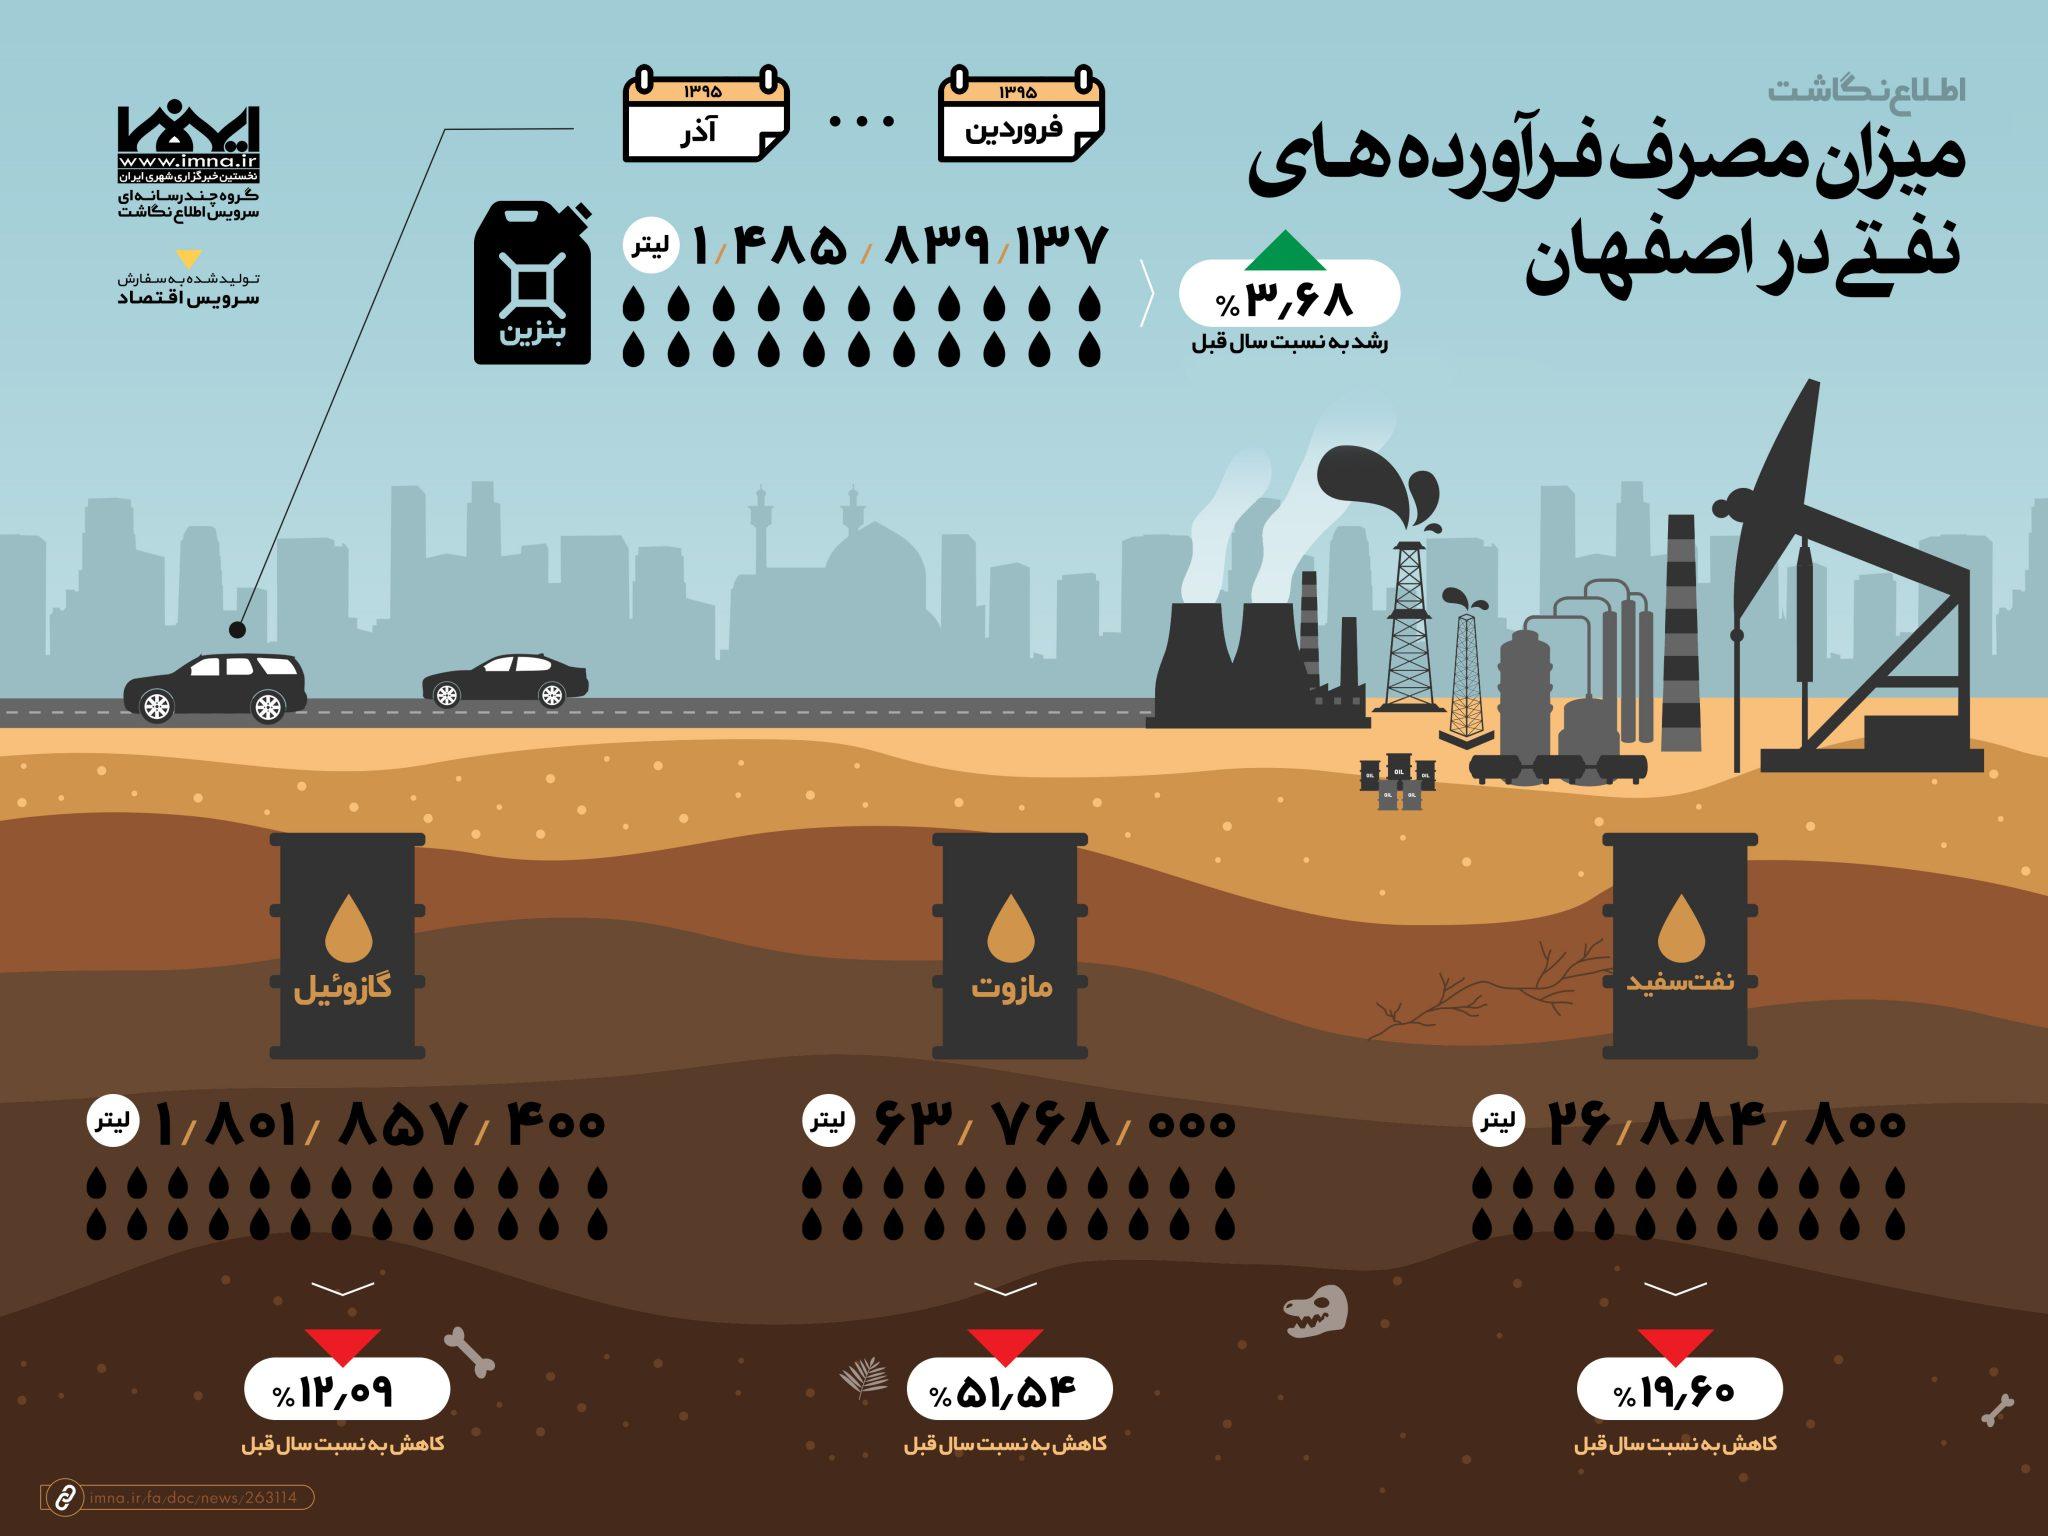 اینفوگرافیک میزان مصرف فرآورده های نفتی در اصفهان